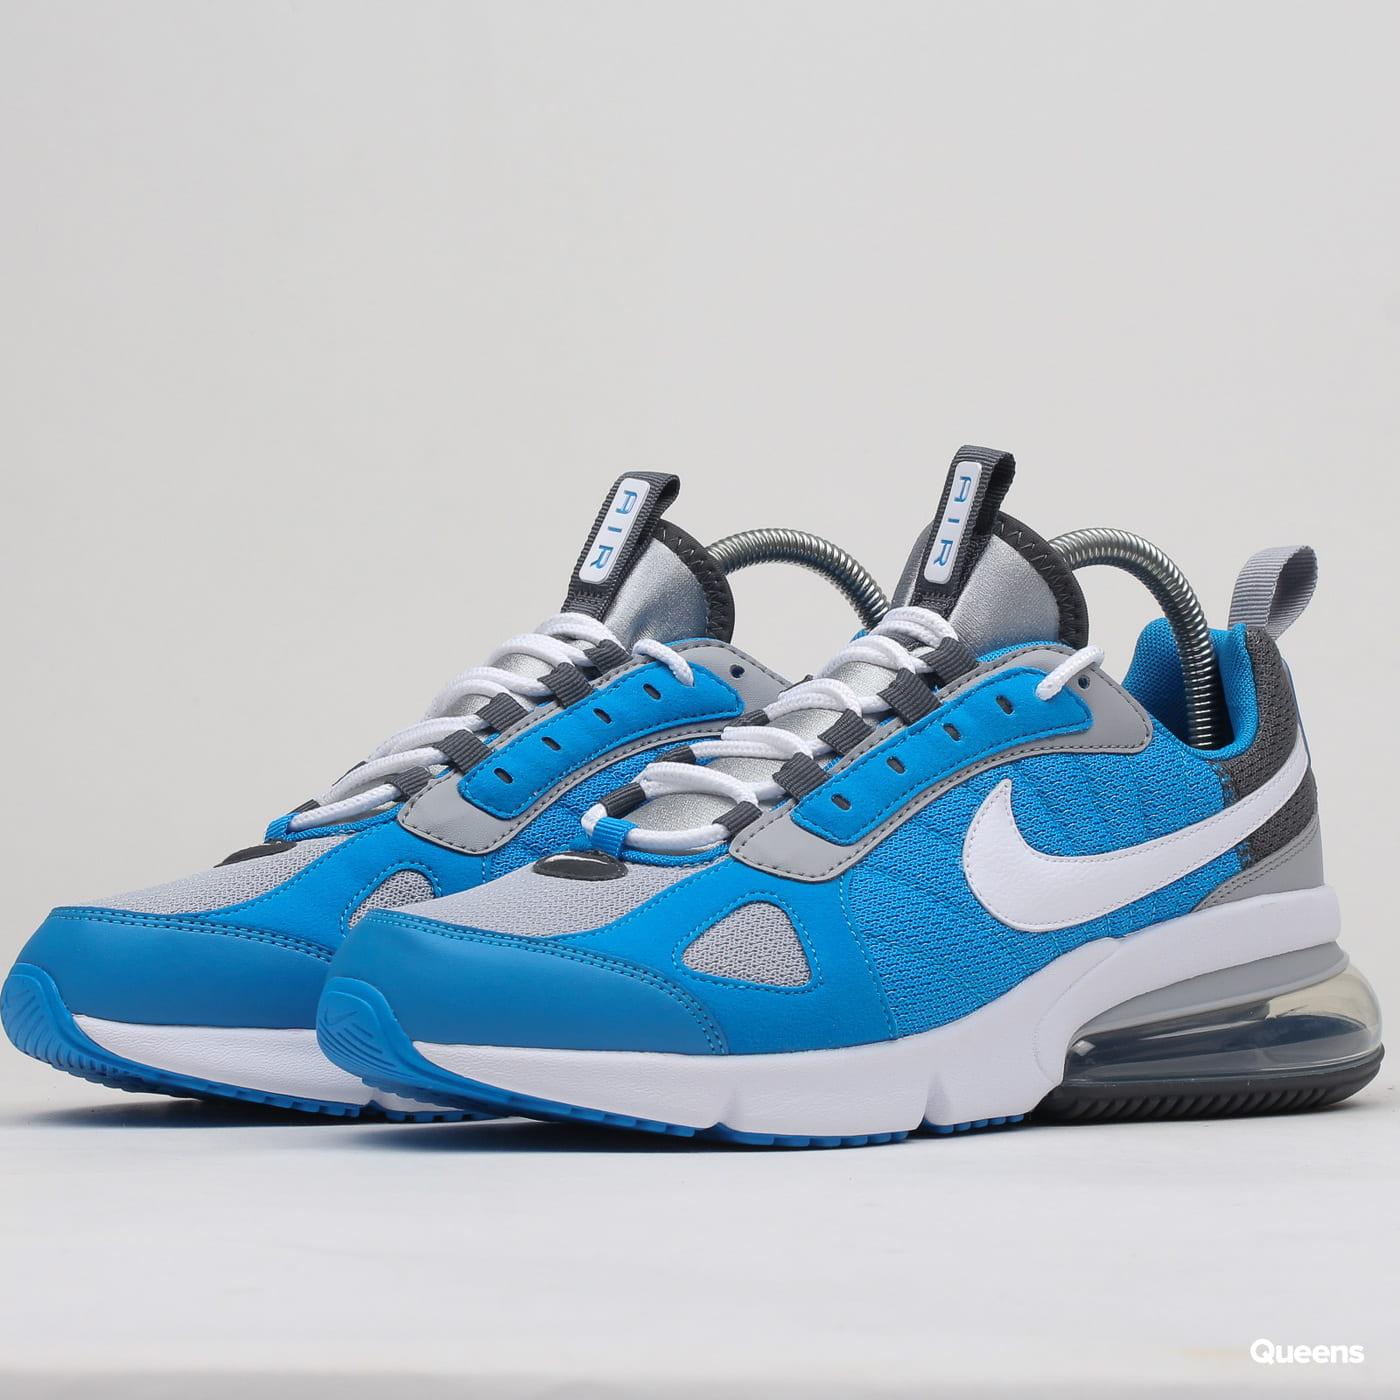 promo code 79a37 08a30 Sneakers Nike Air Max 270 Futura (AO1569-003)– Queens 💚